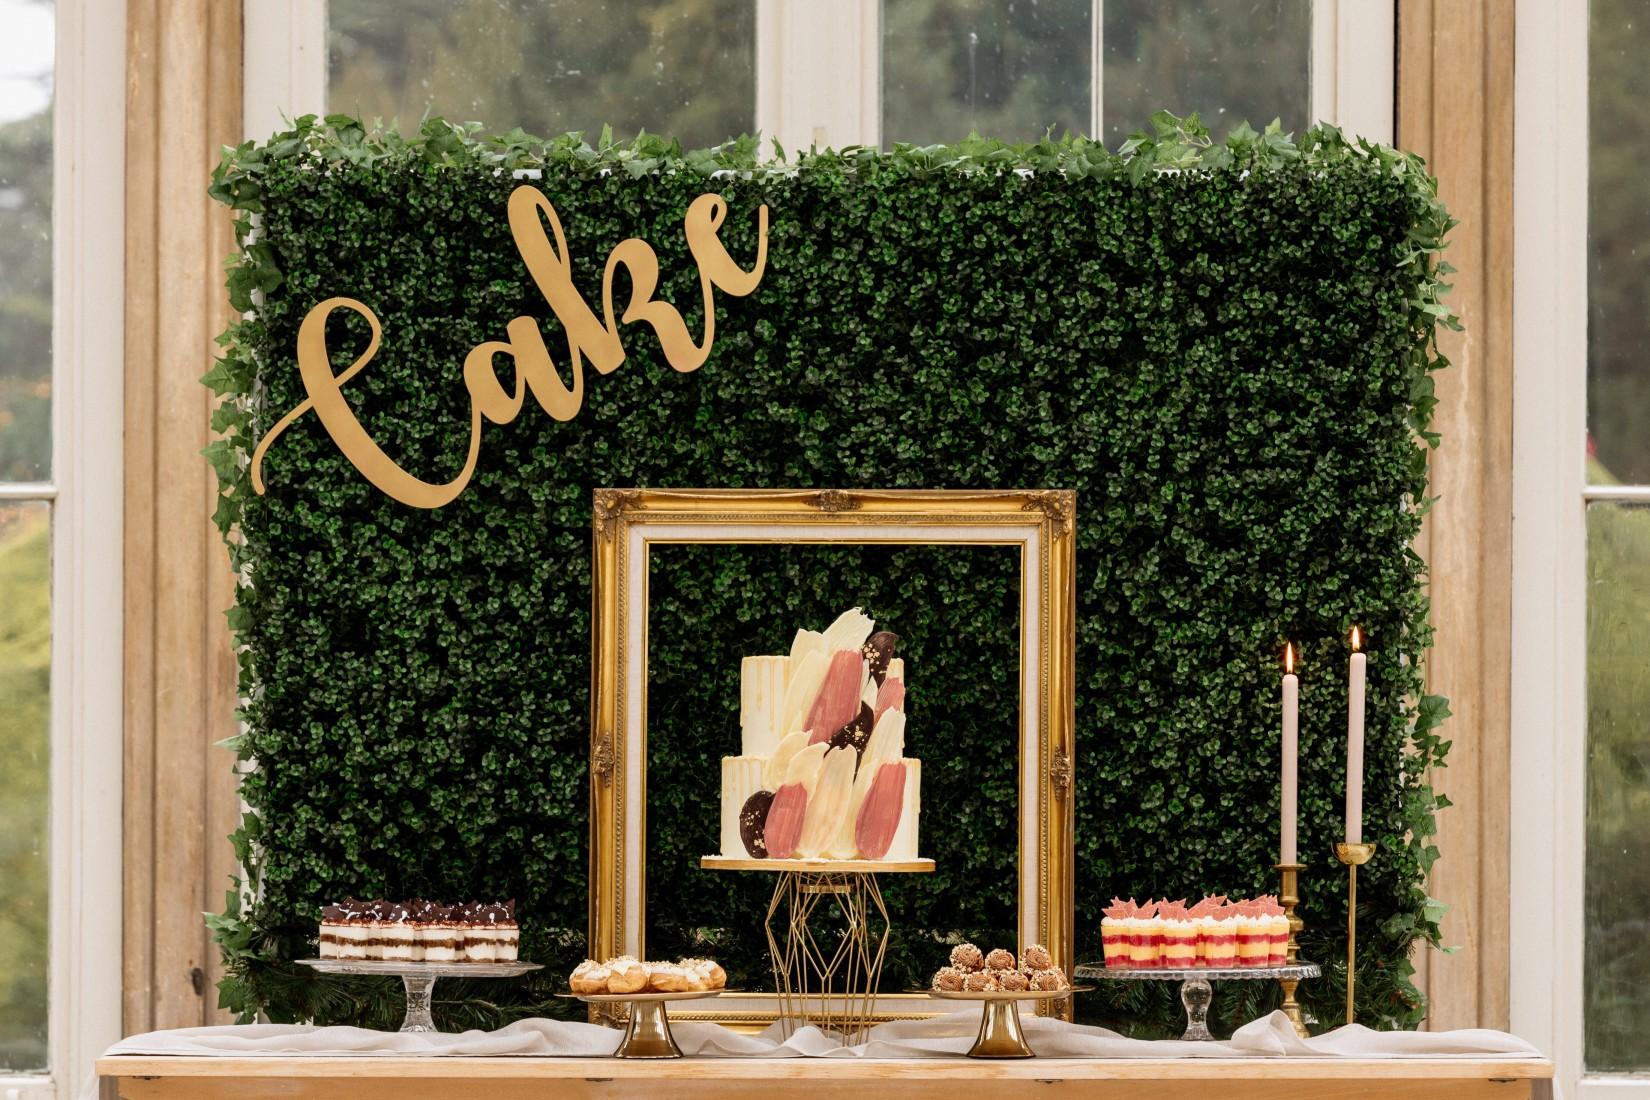 Pasticerria Lorena - Italian wedding cakes - Italian wedding dessert table - alternative wedding cakes - unique wedding cakes 3